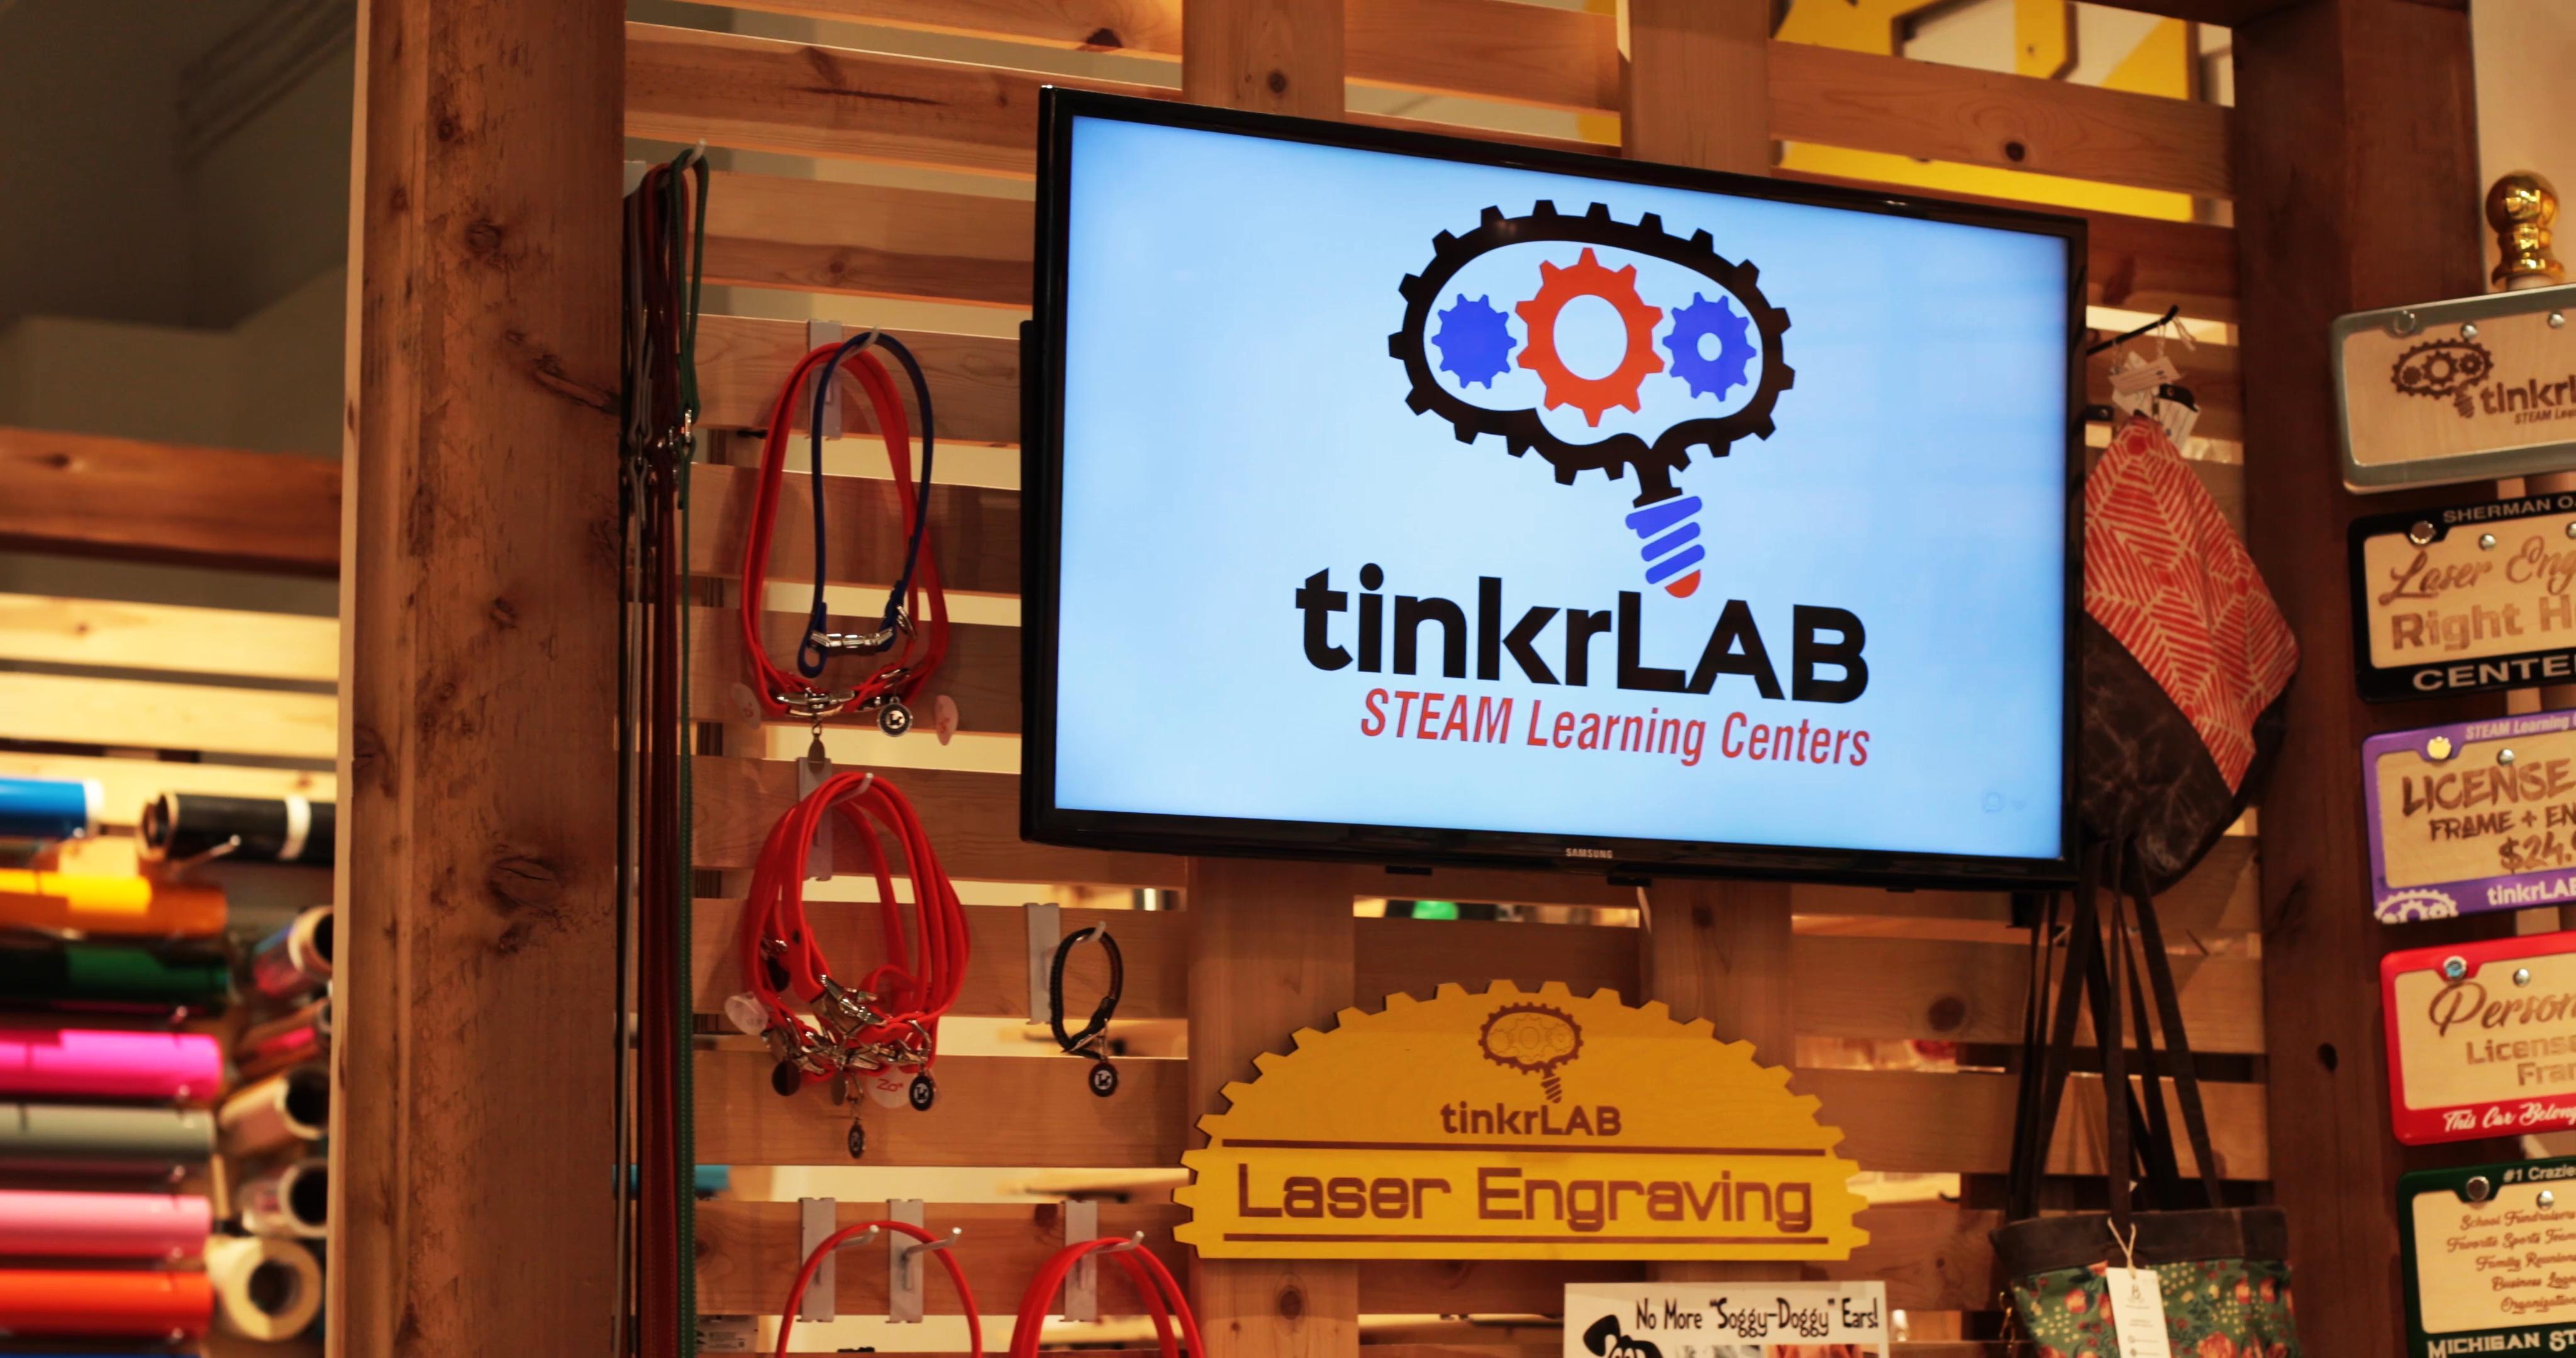 TinkrLab Copy 05